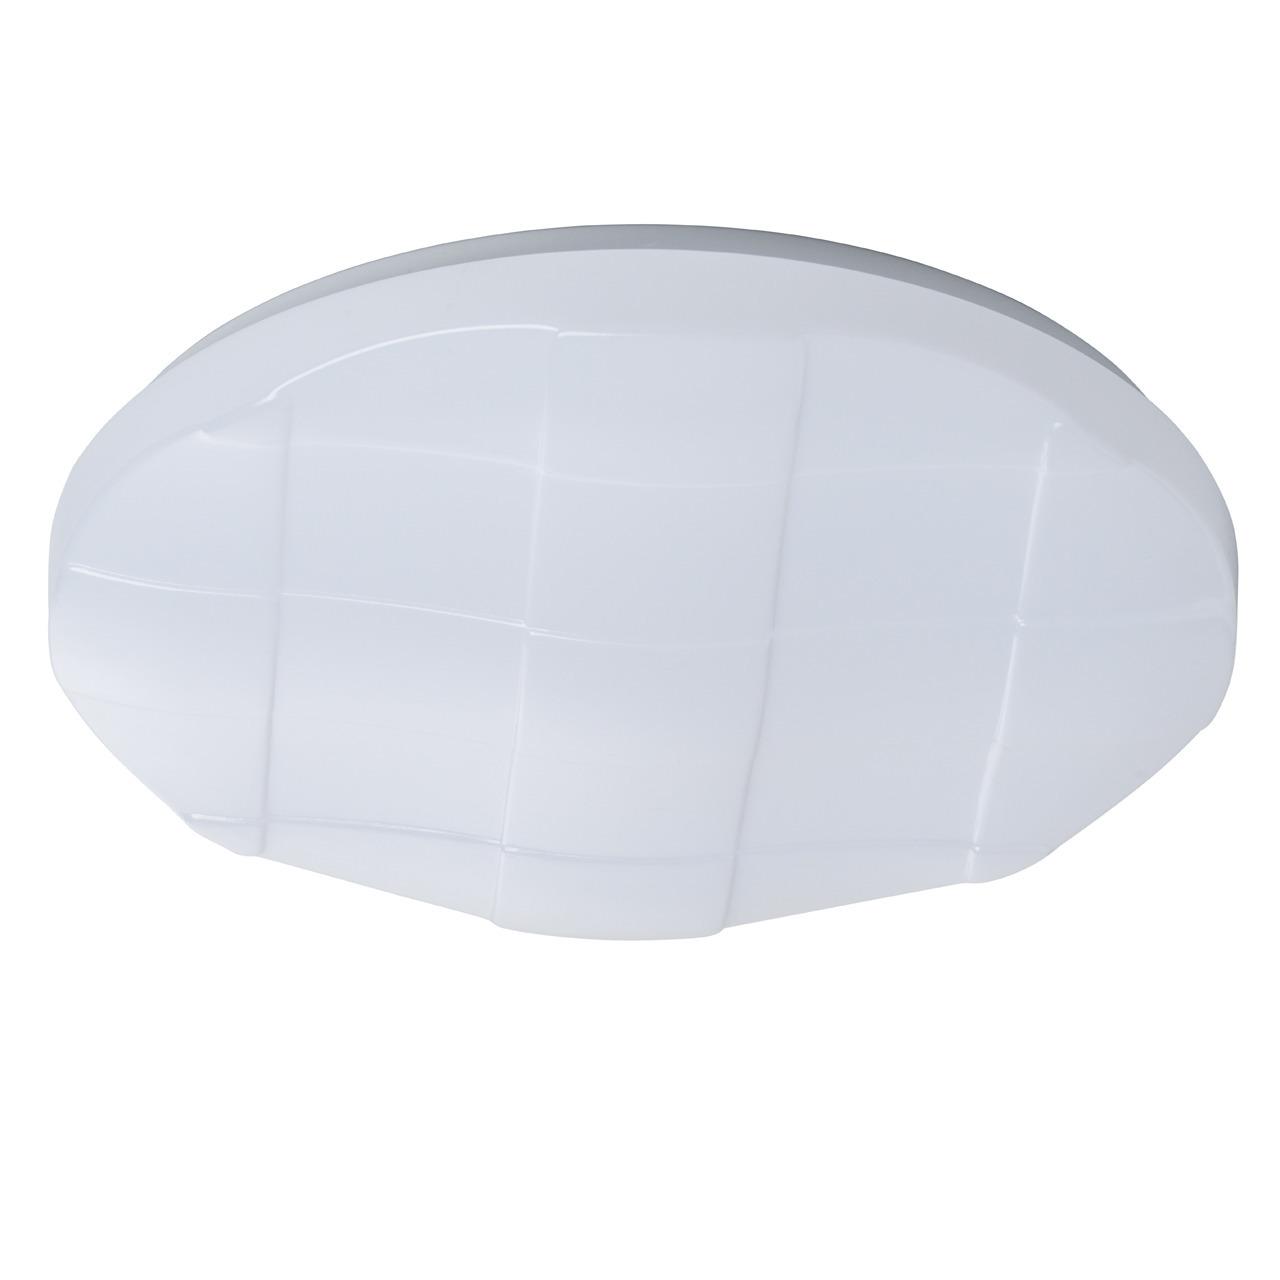 Люстра светодиодная, потолочная Ривз 24W LED 220 V